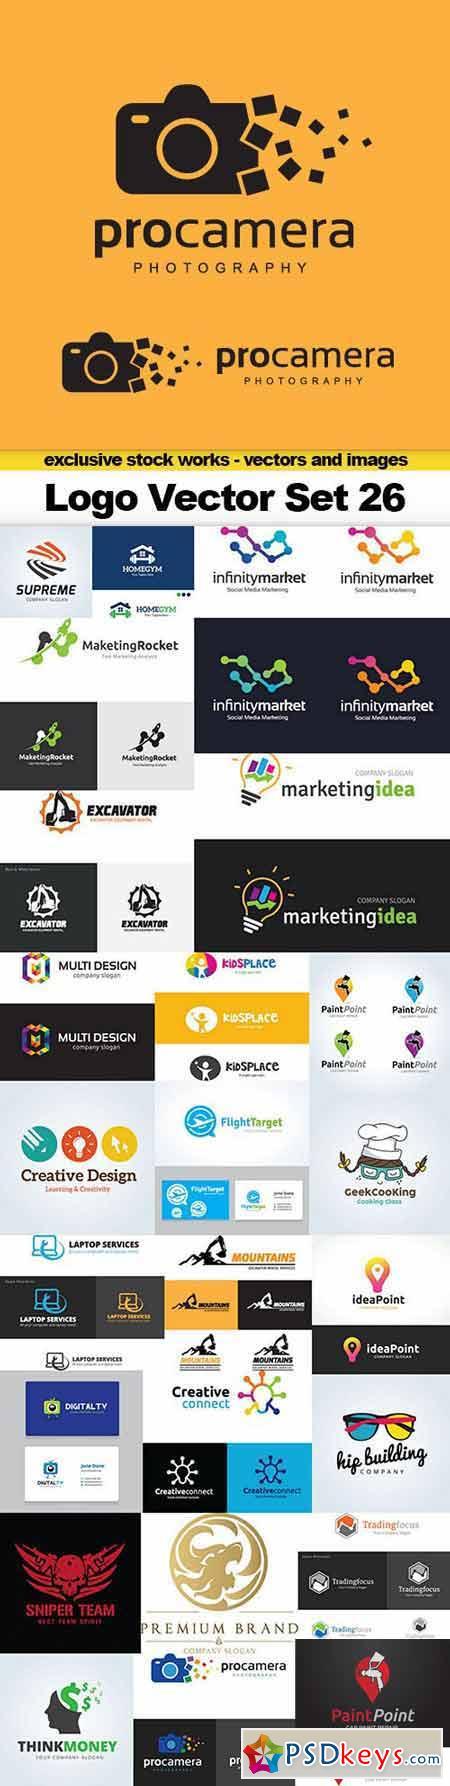 Logo Vector Set 26 - 25x EPS